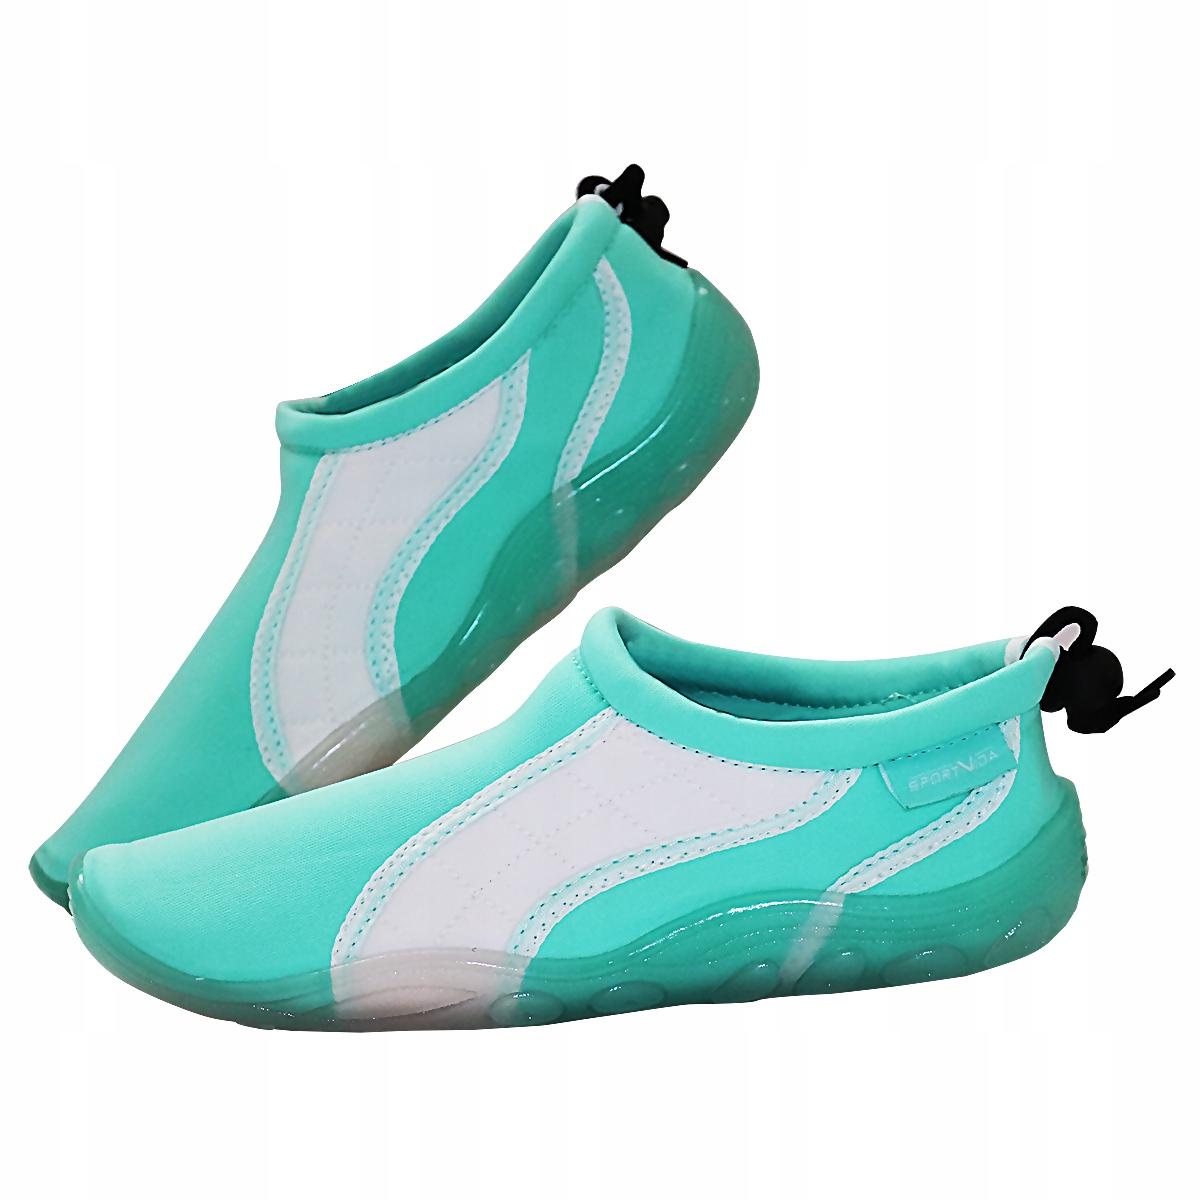 Buty do wody turkus rozmiar 39